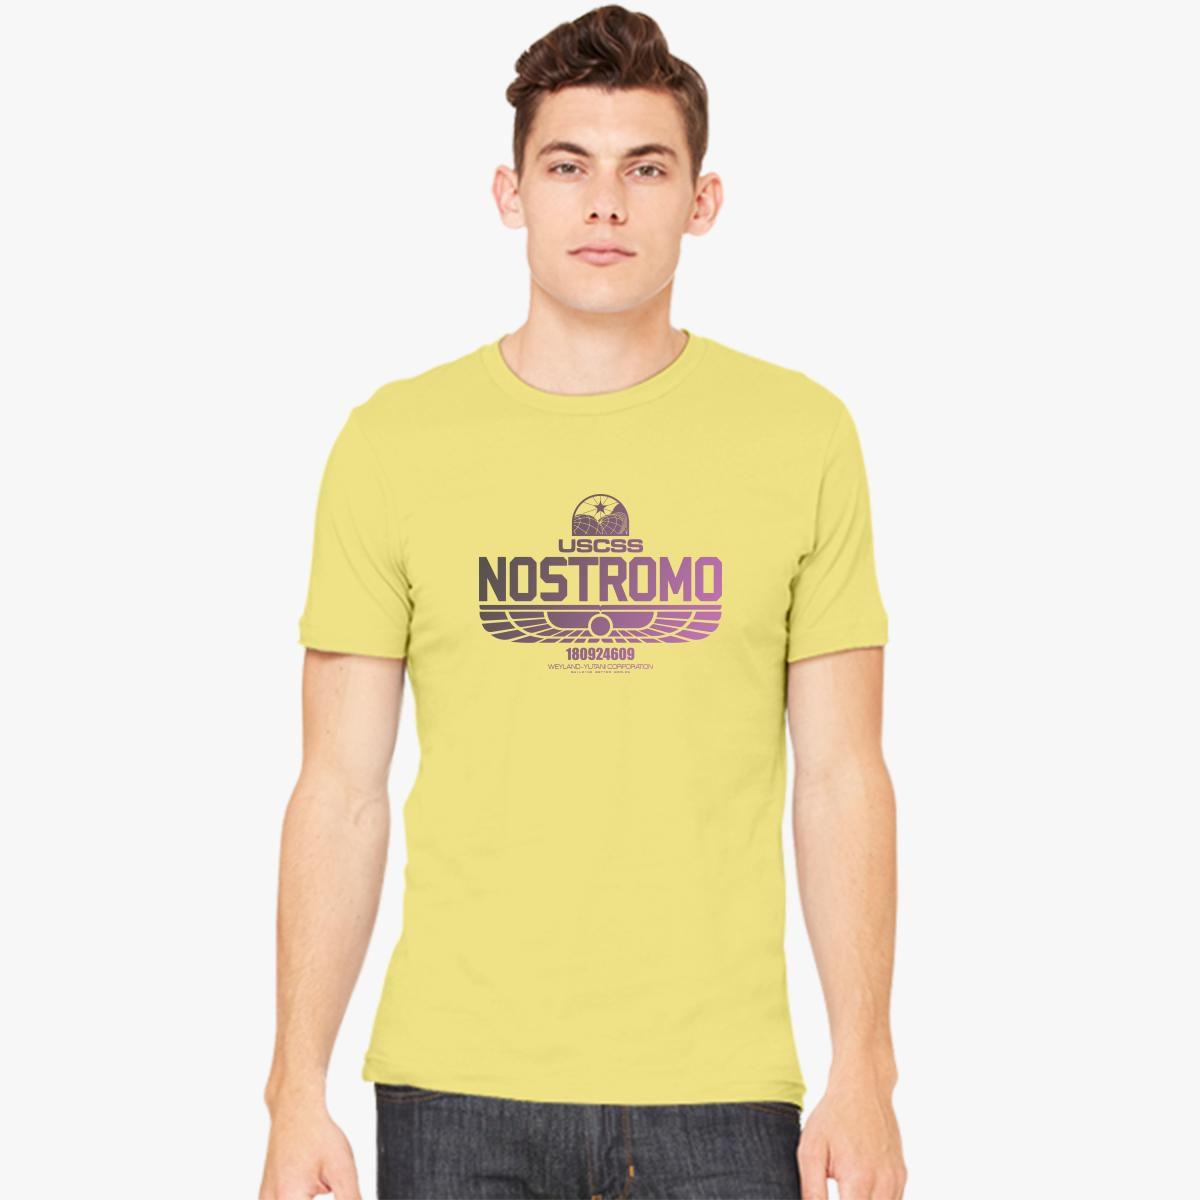 Alien Nostromo Men's T-shirt - Customon  Alien Nostromo ...